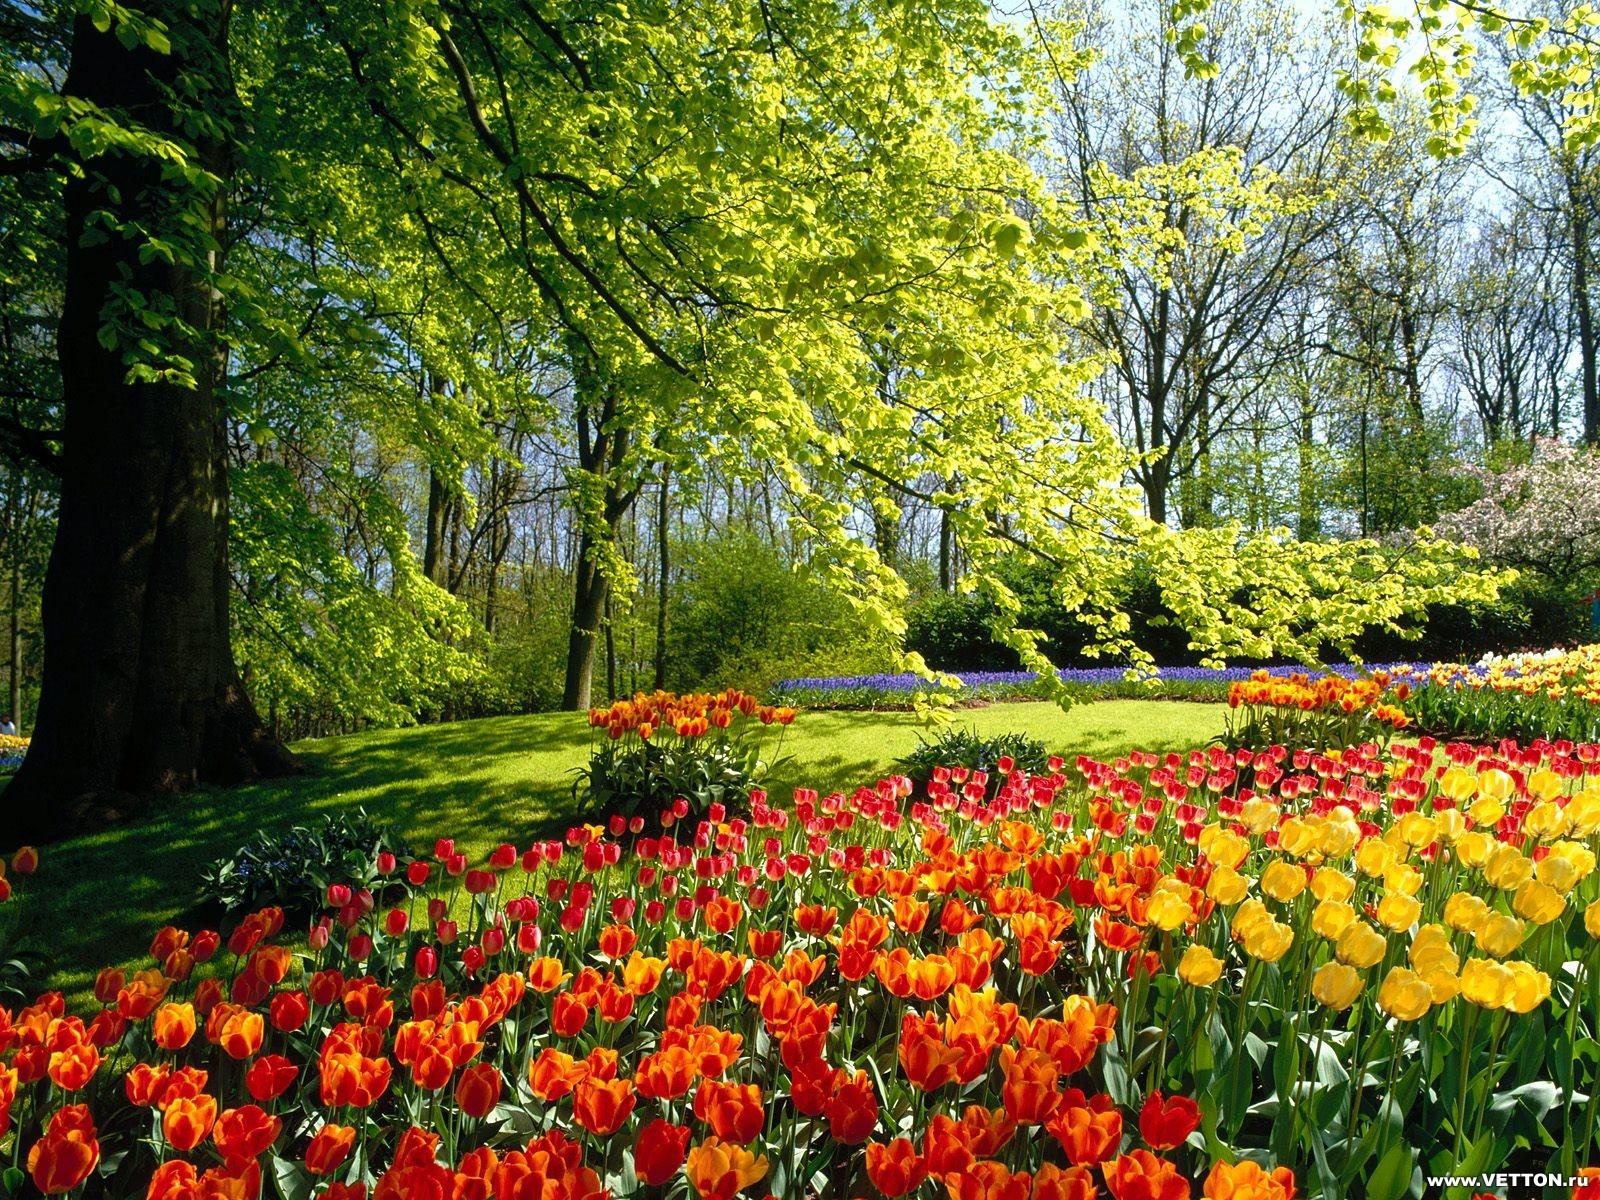 Скачать картинку цветы бесплатно на телефон 11